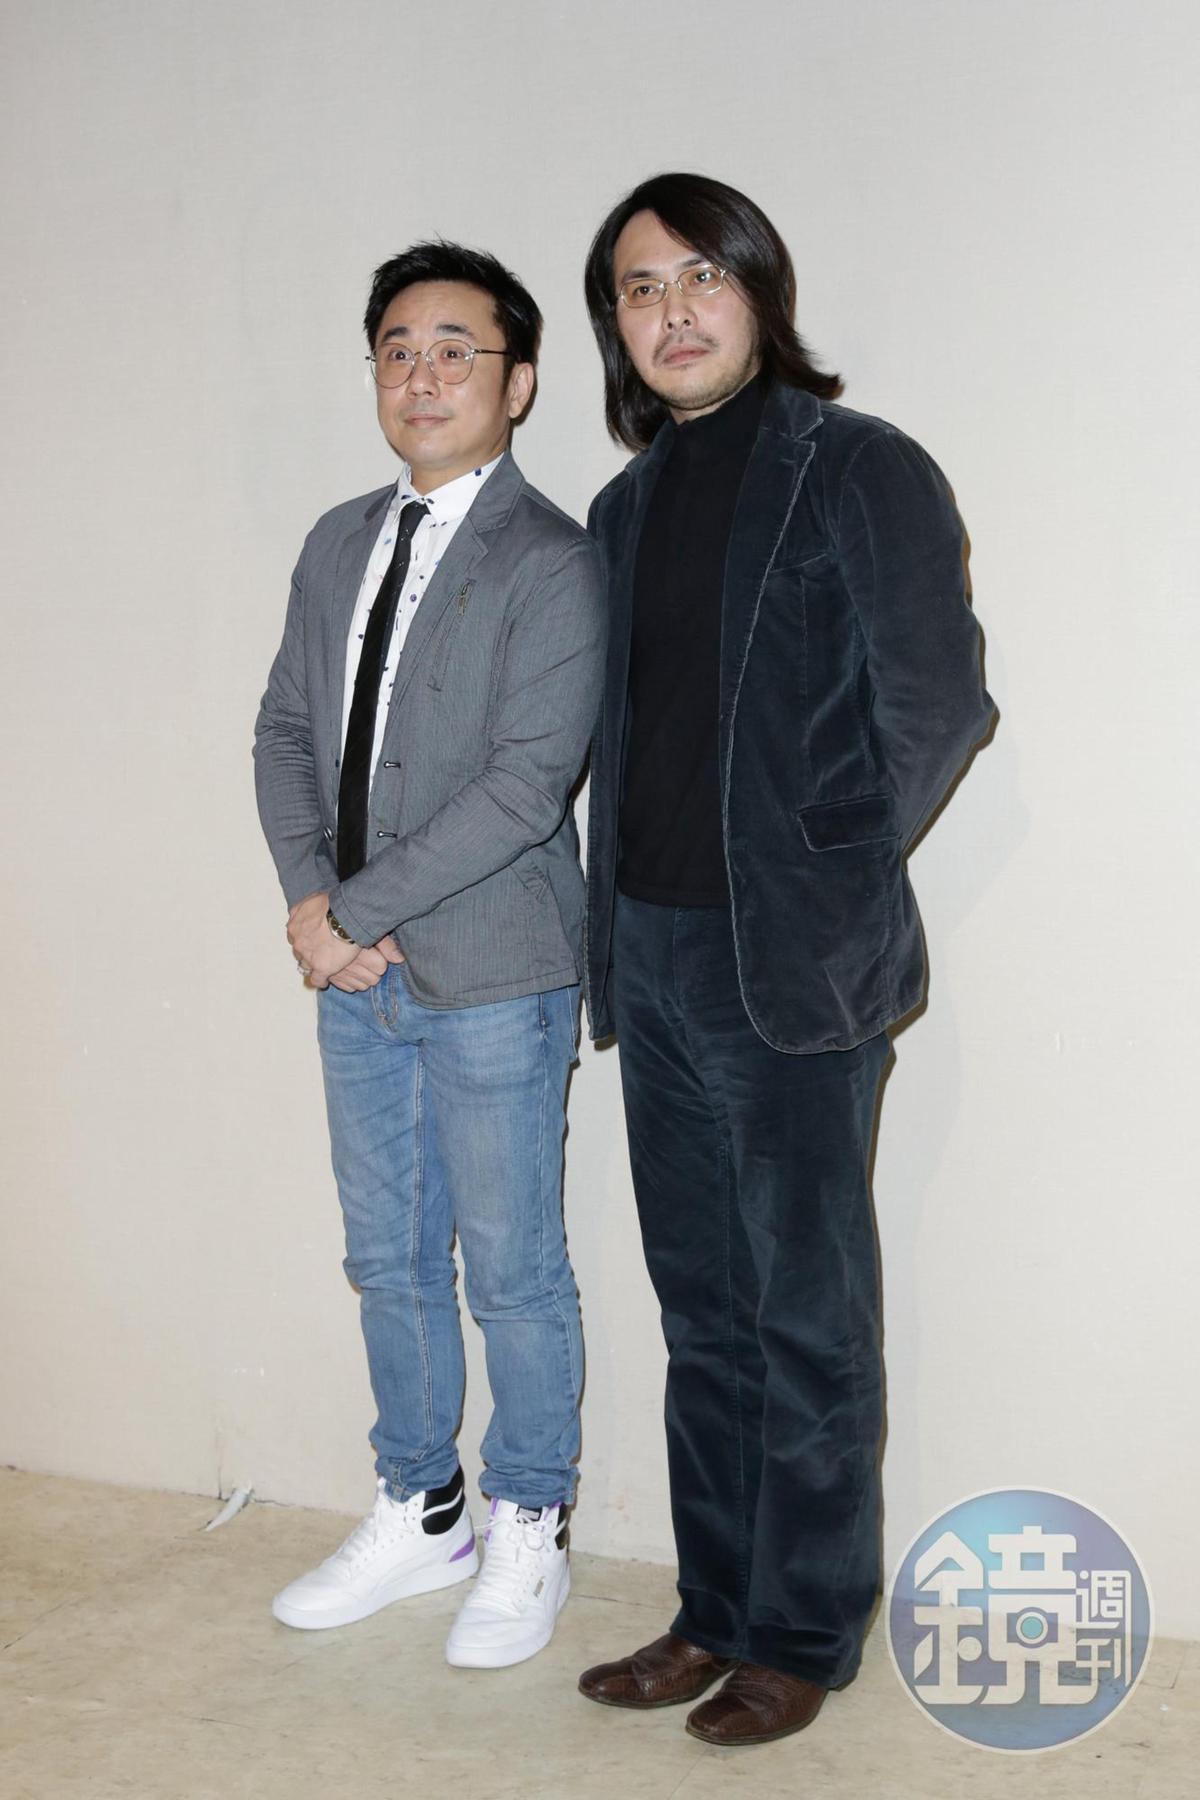 溫兆宇(左)和范植偉(右)是高中同學,兩人交情一直相當不錯。